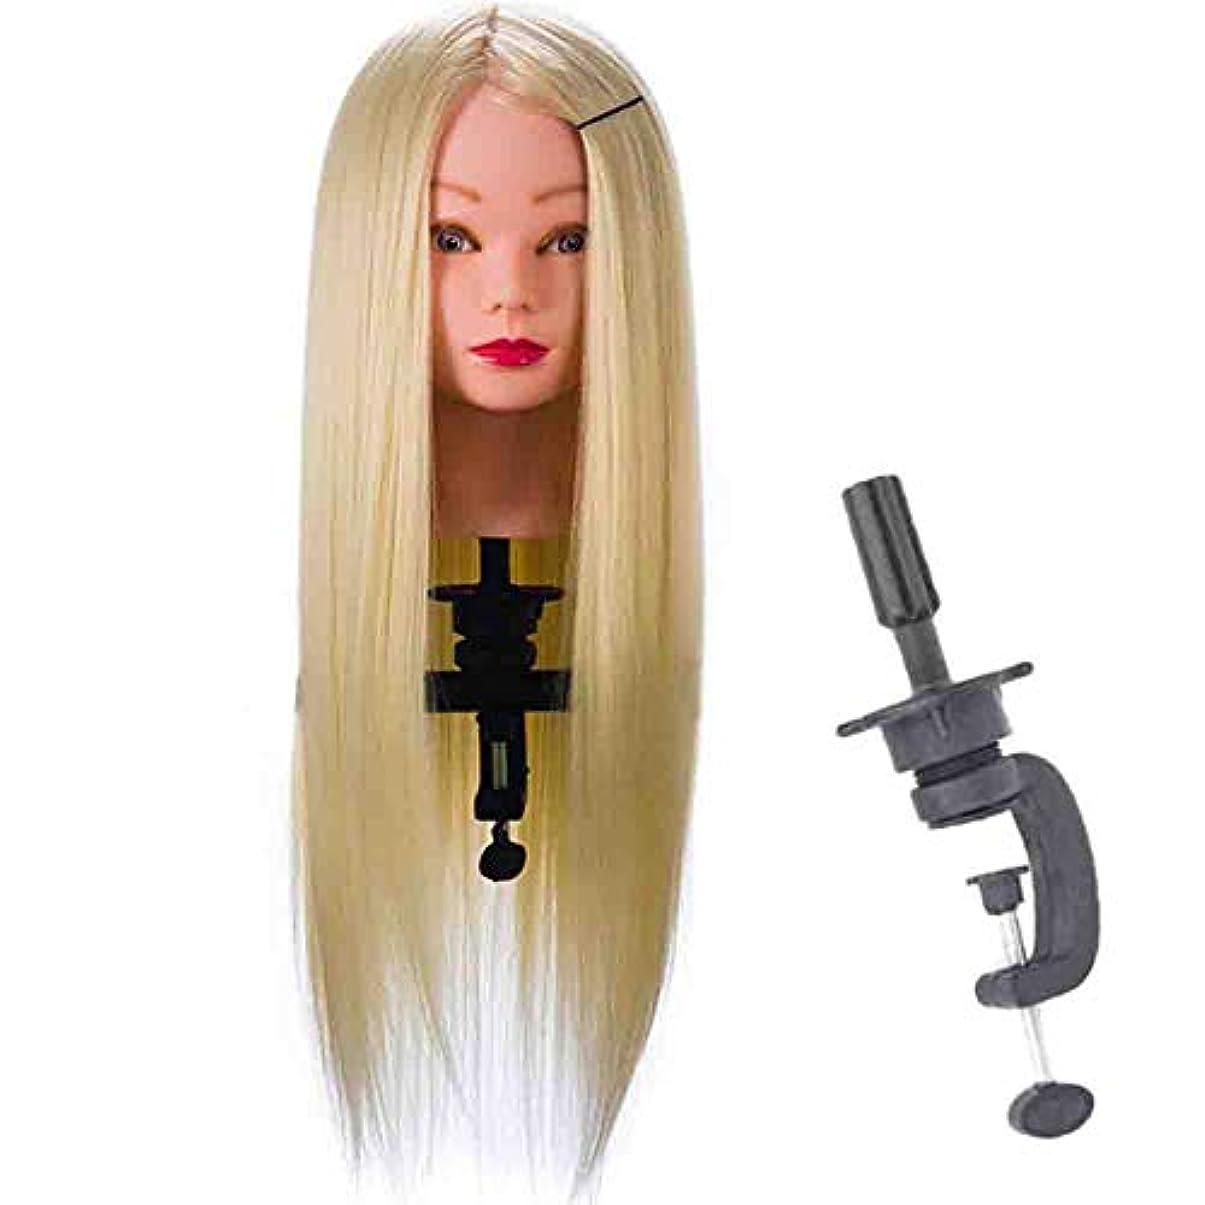 くるみ恵み協力するシミュレーションウィッグヘッドダイドールヘッドモデルエクササイズディスクヘアブレードヘアメイクスタイリングヘアサロンダミーマネキンヘッド